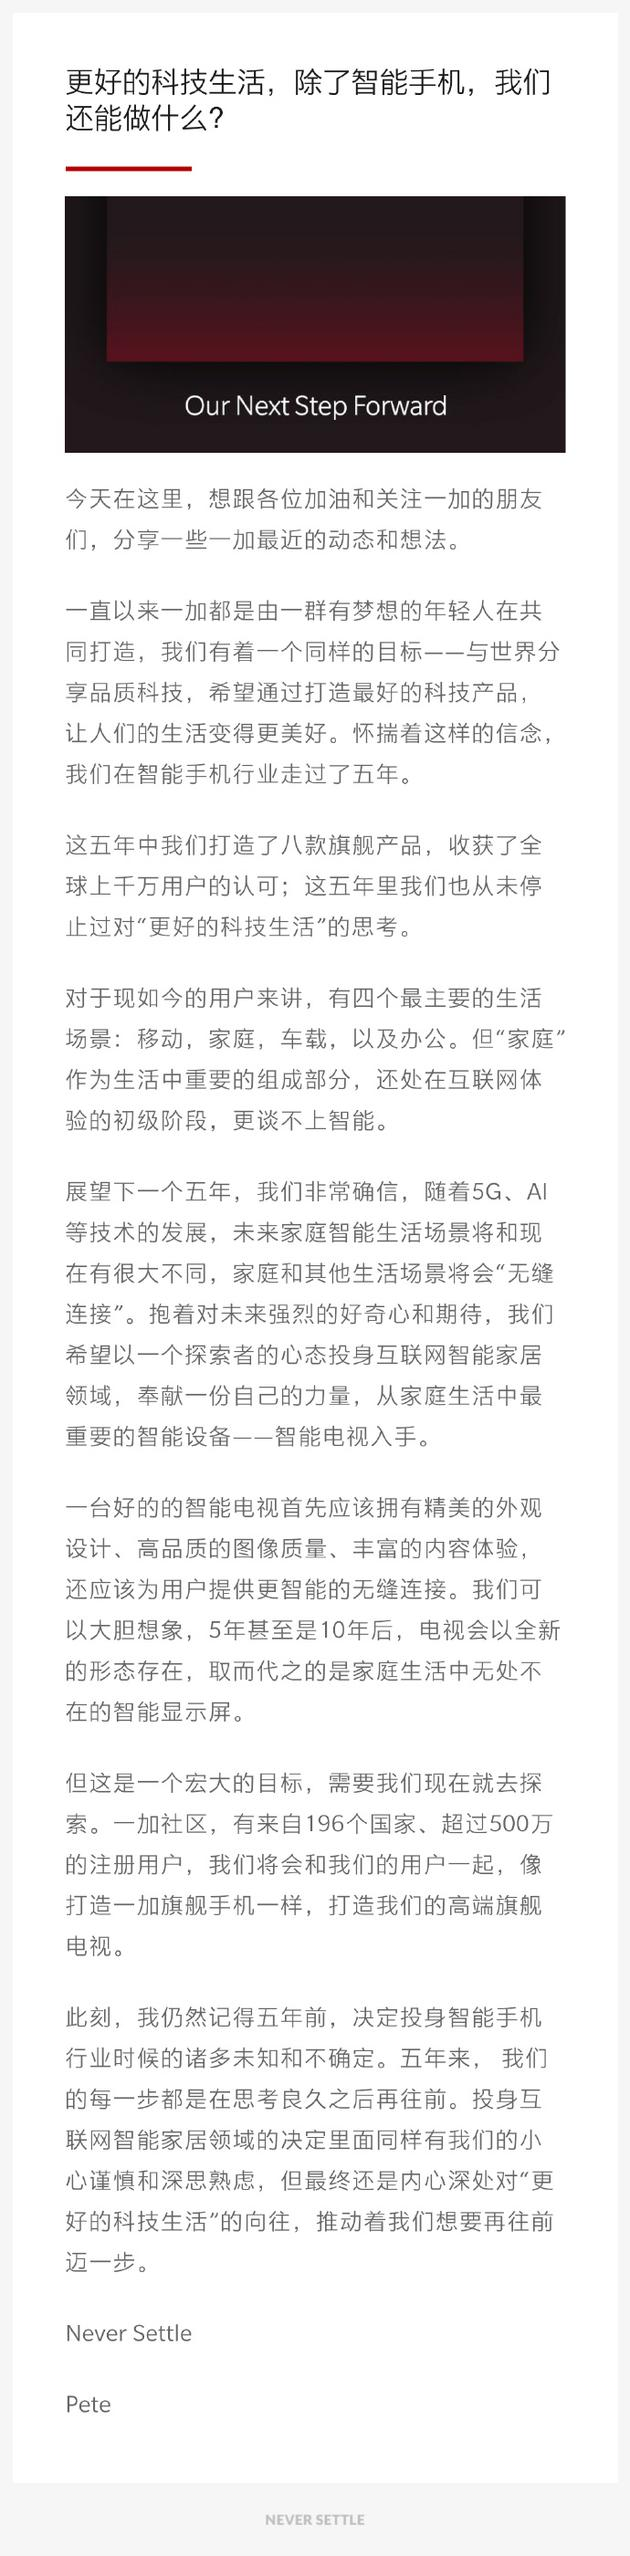 刘作虎宣布一加进军智能家居 将发布智能电视